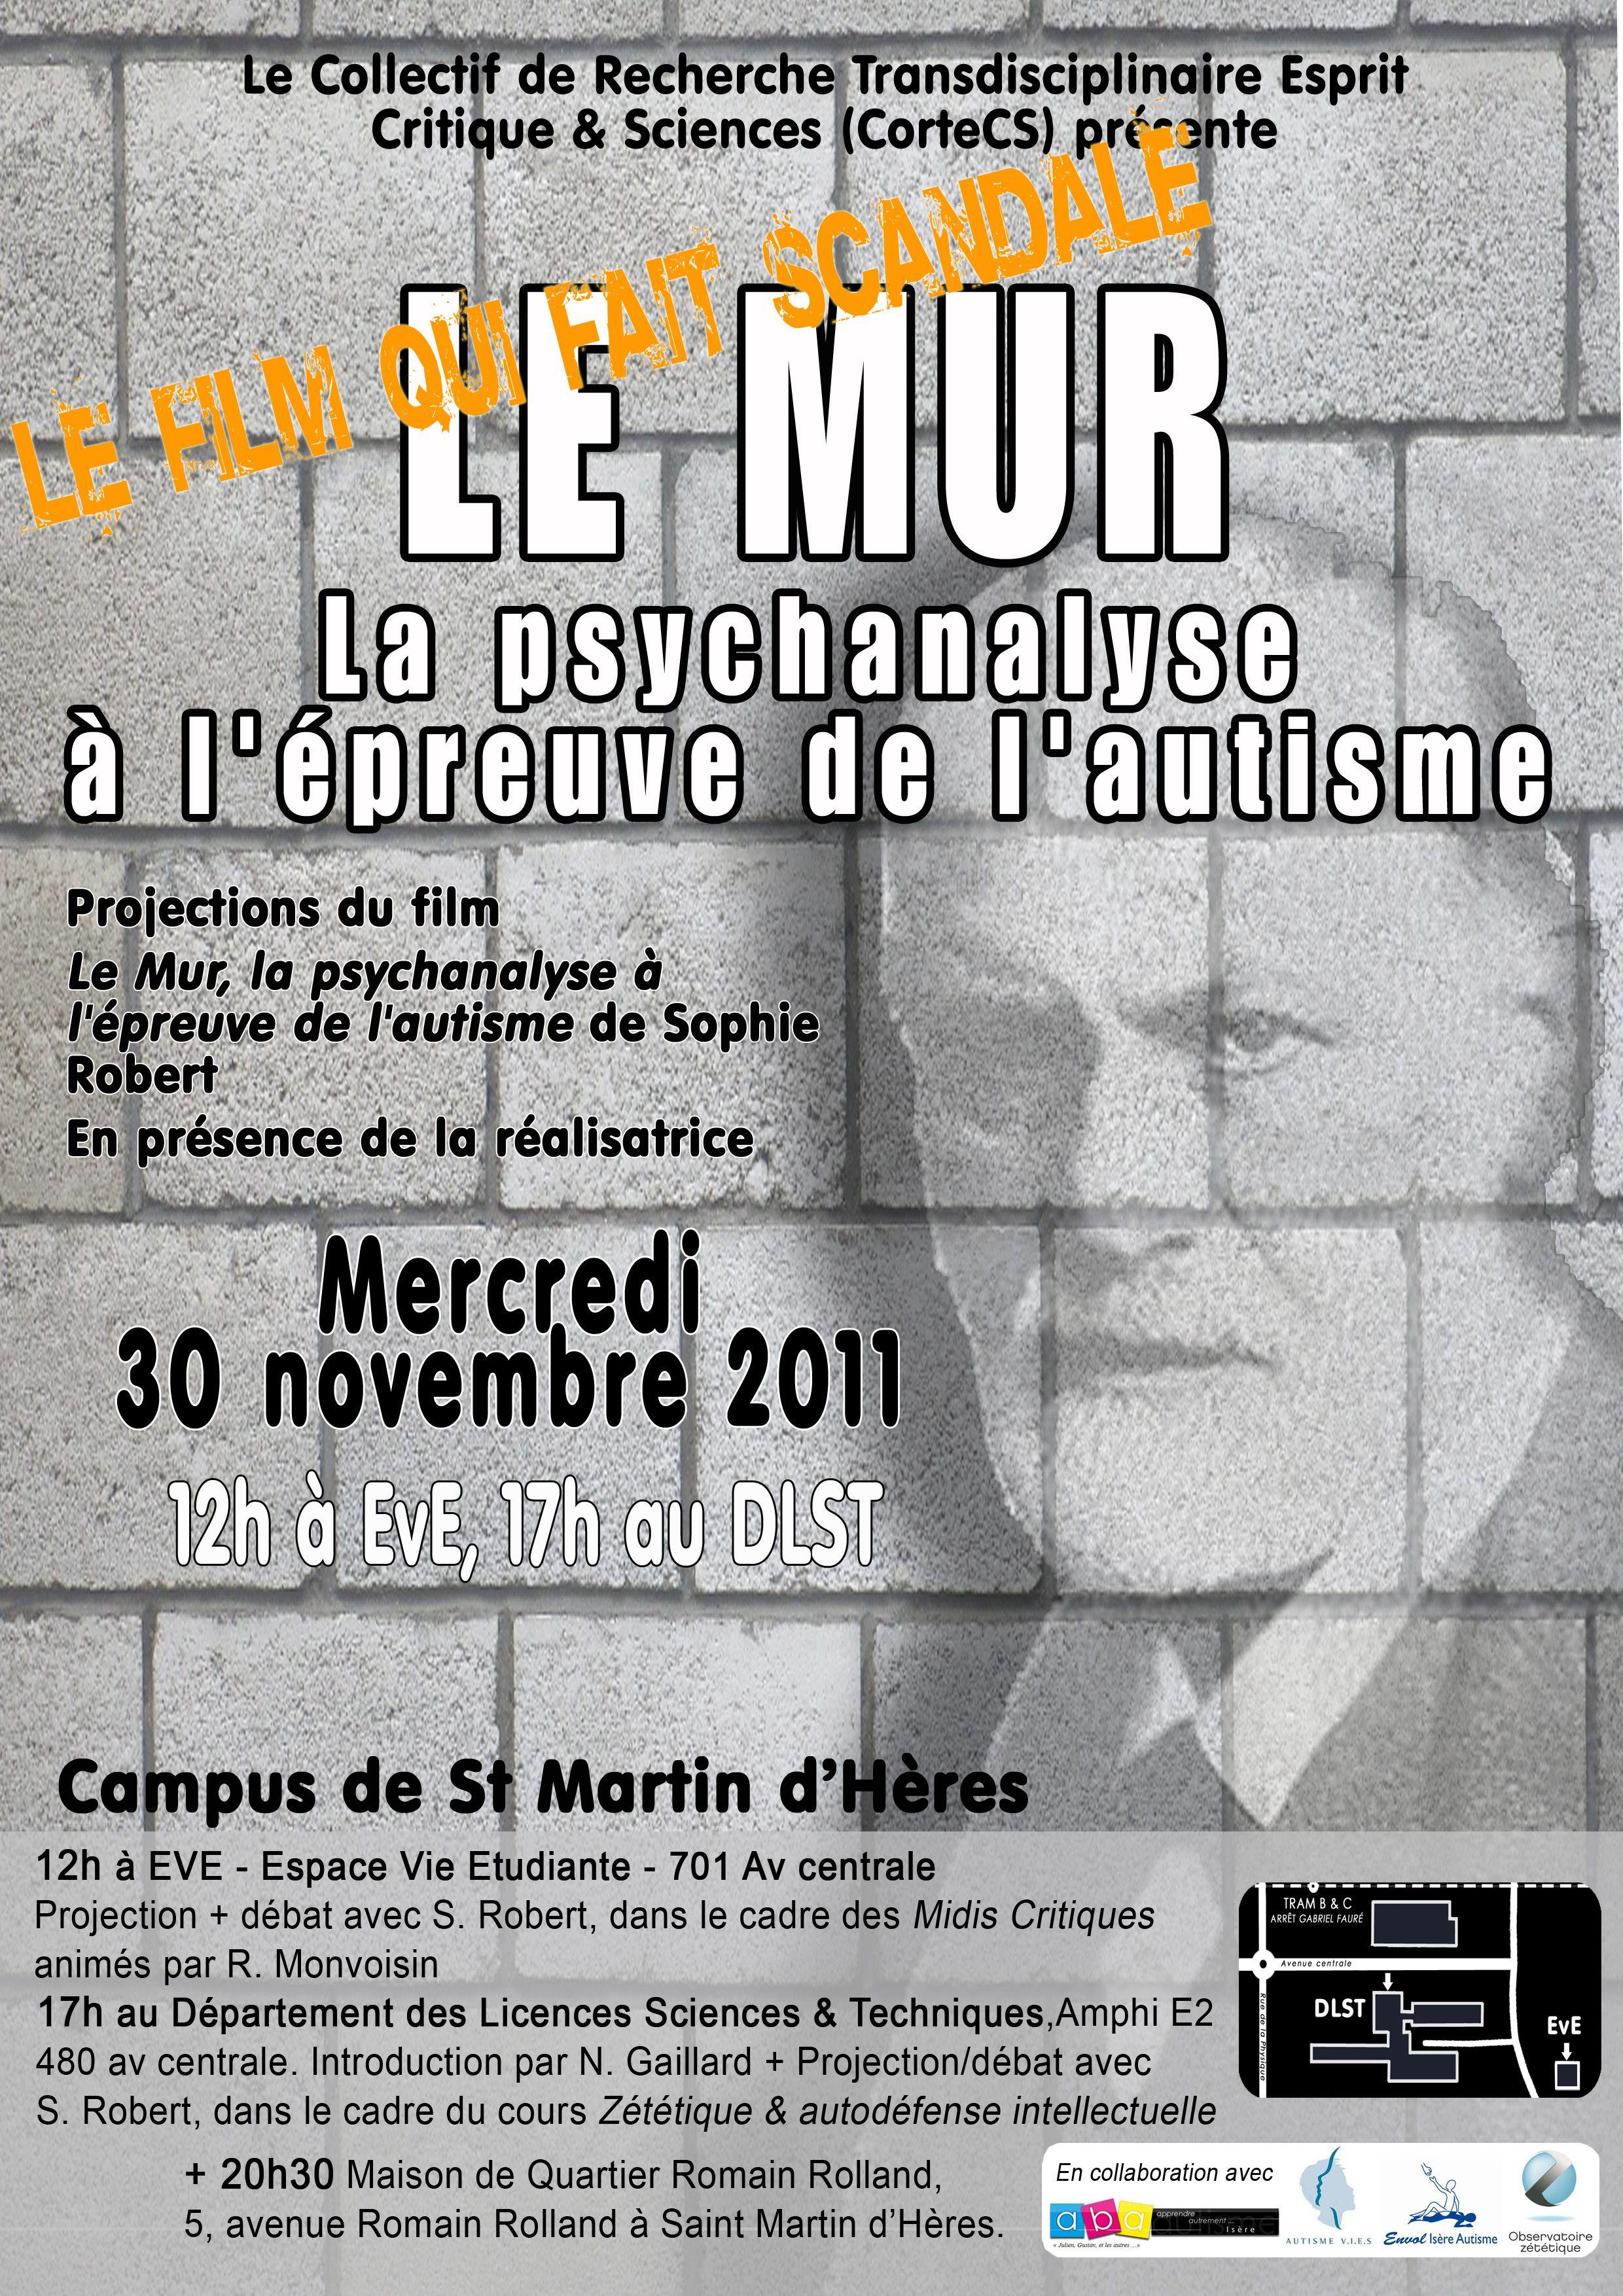 La psychanalyse à l'épreuve de l'autisme (30 novembre 2011)